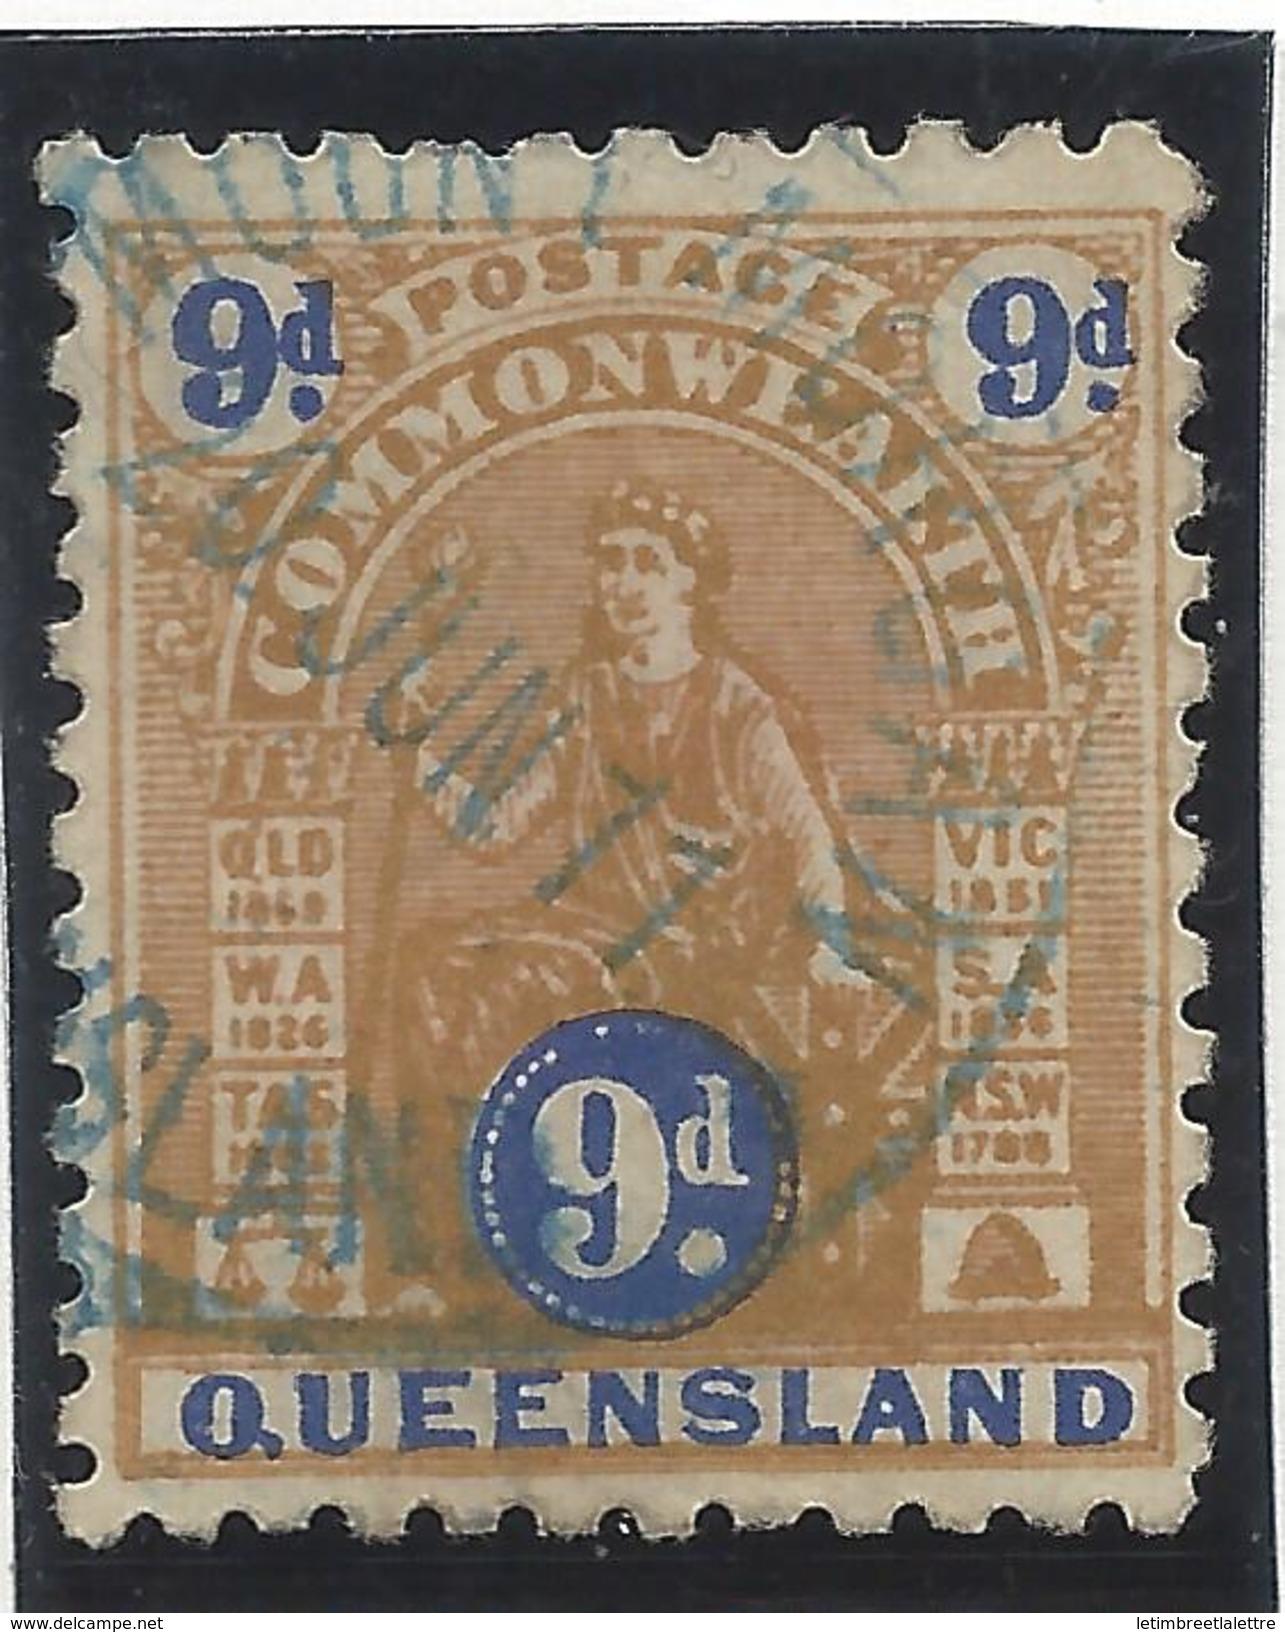 Queensland - N° 101a - Oblitéré - Dentelé 11 - RARE - Usados